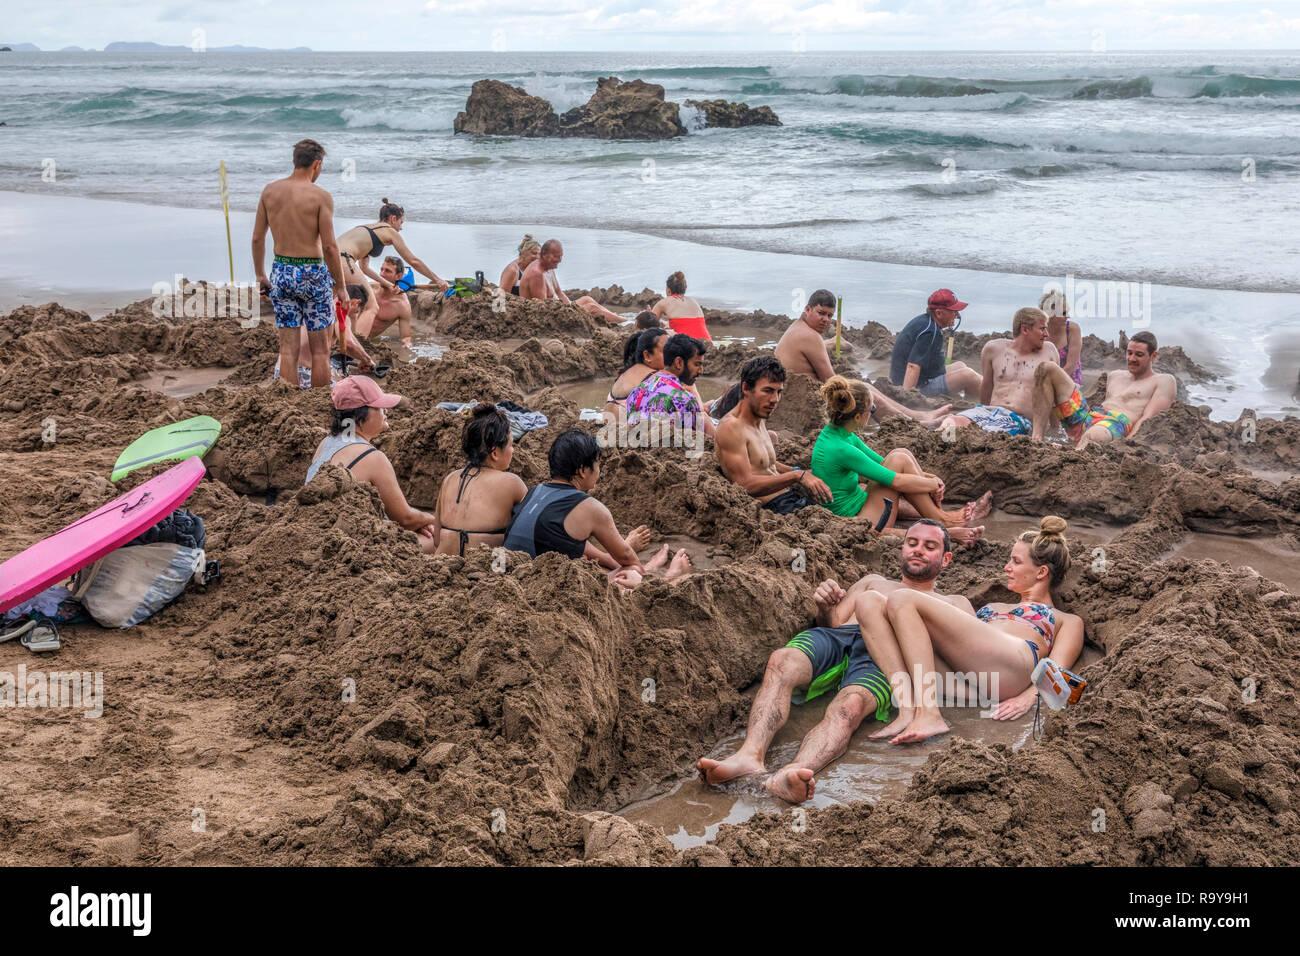 Playa de agua caliente, Waikato, península Coromandel, Isla del Norte, Nueva Zelanda Imagen De Stock